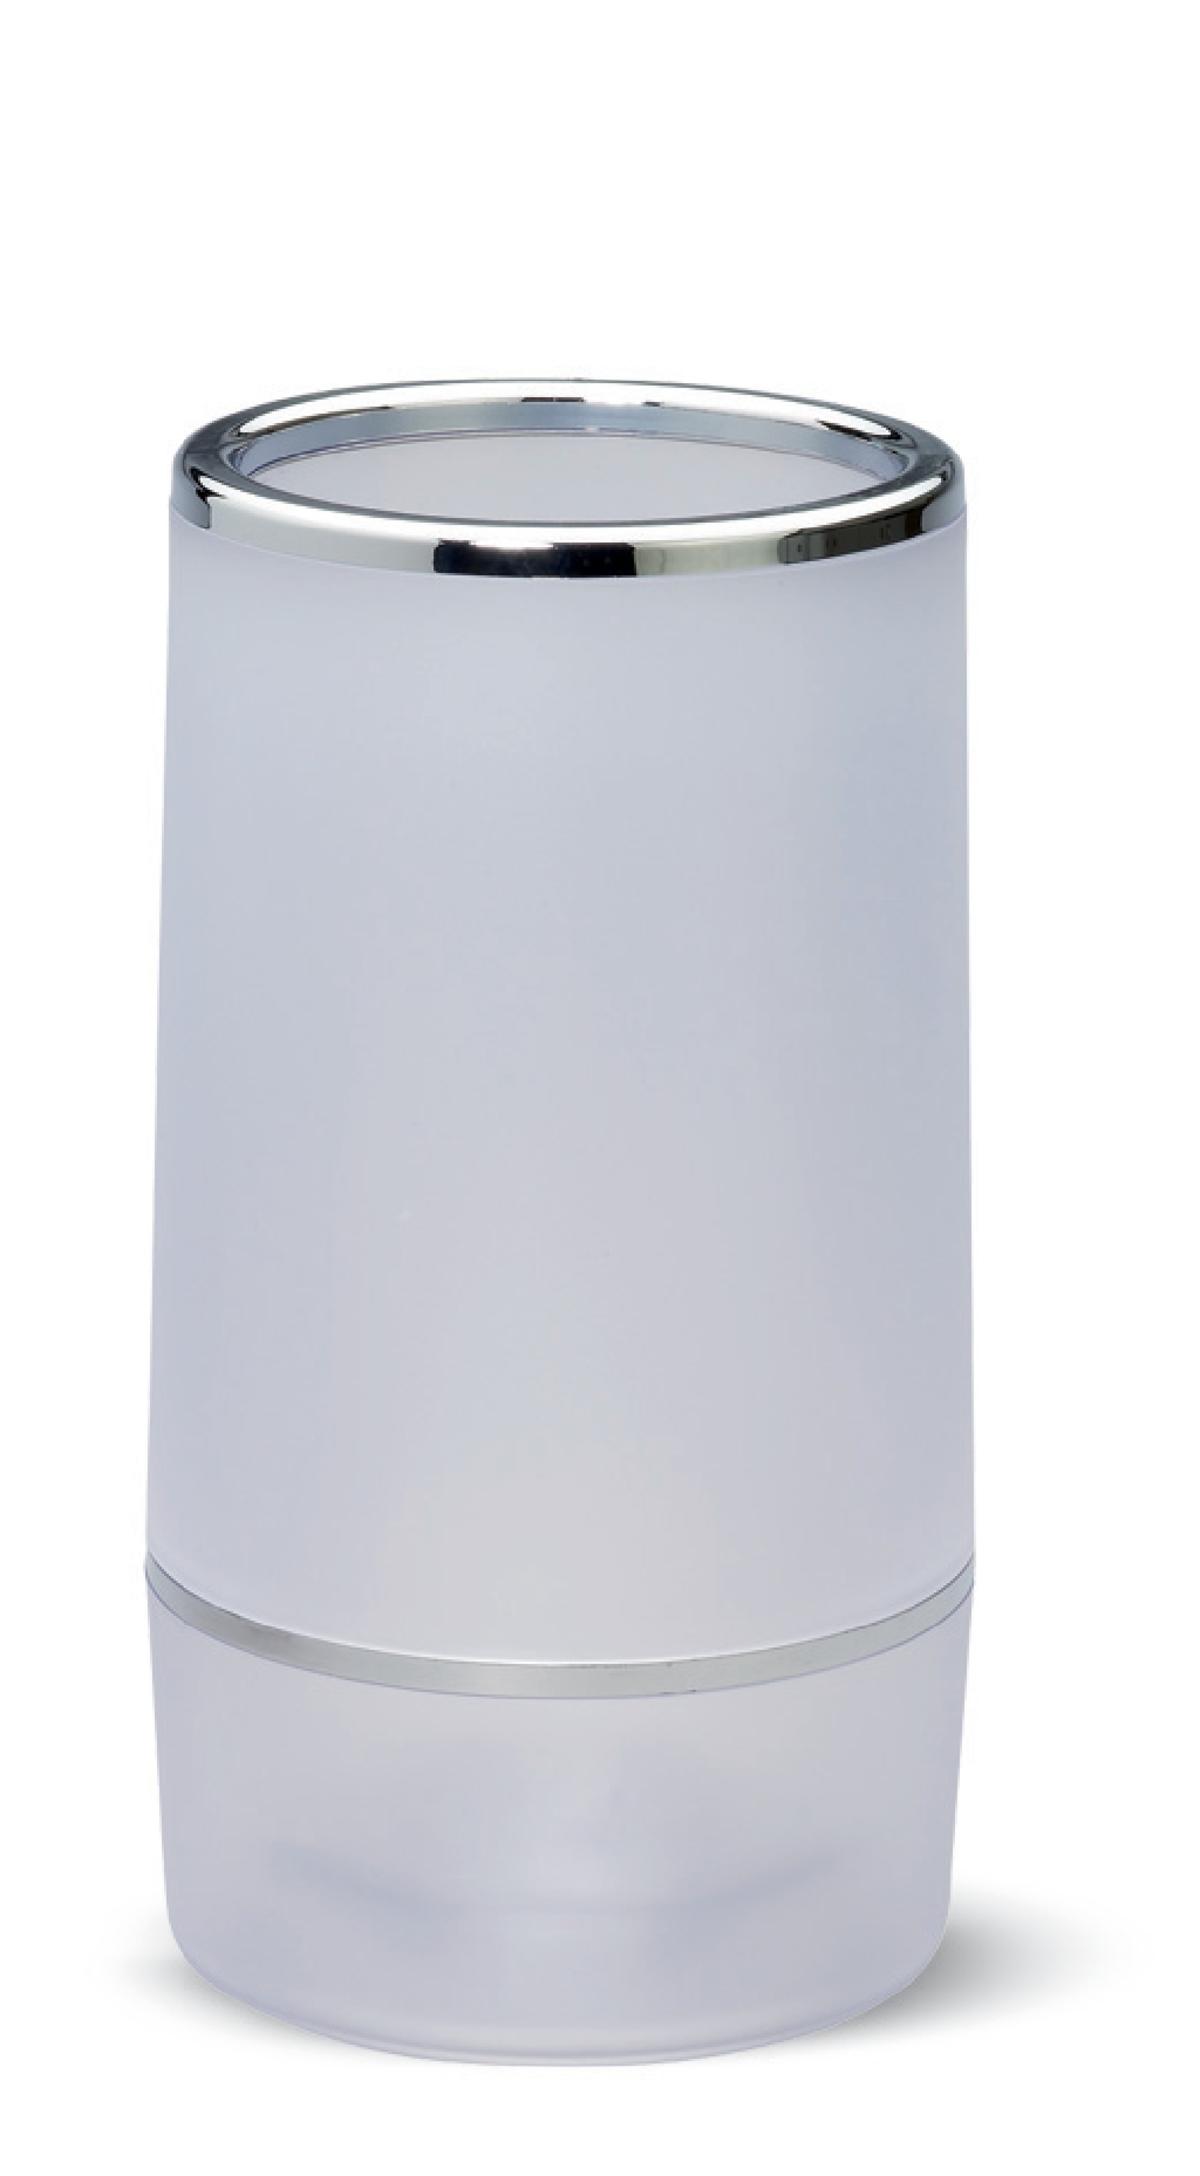 Glacette isotherme transparente Ø 11,50 cm Pro.mundi